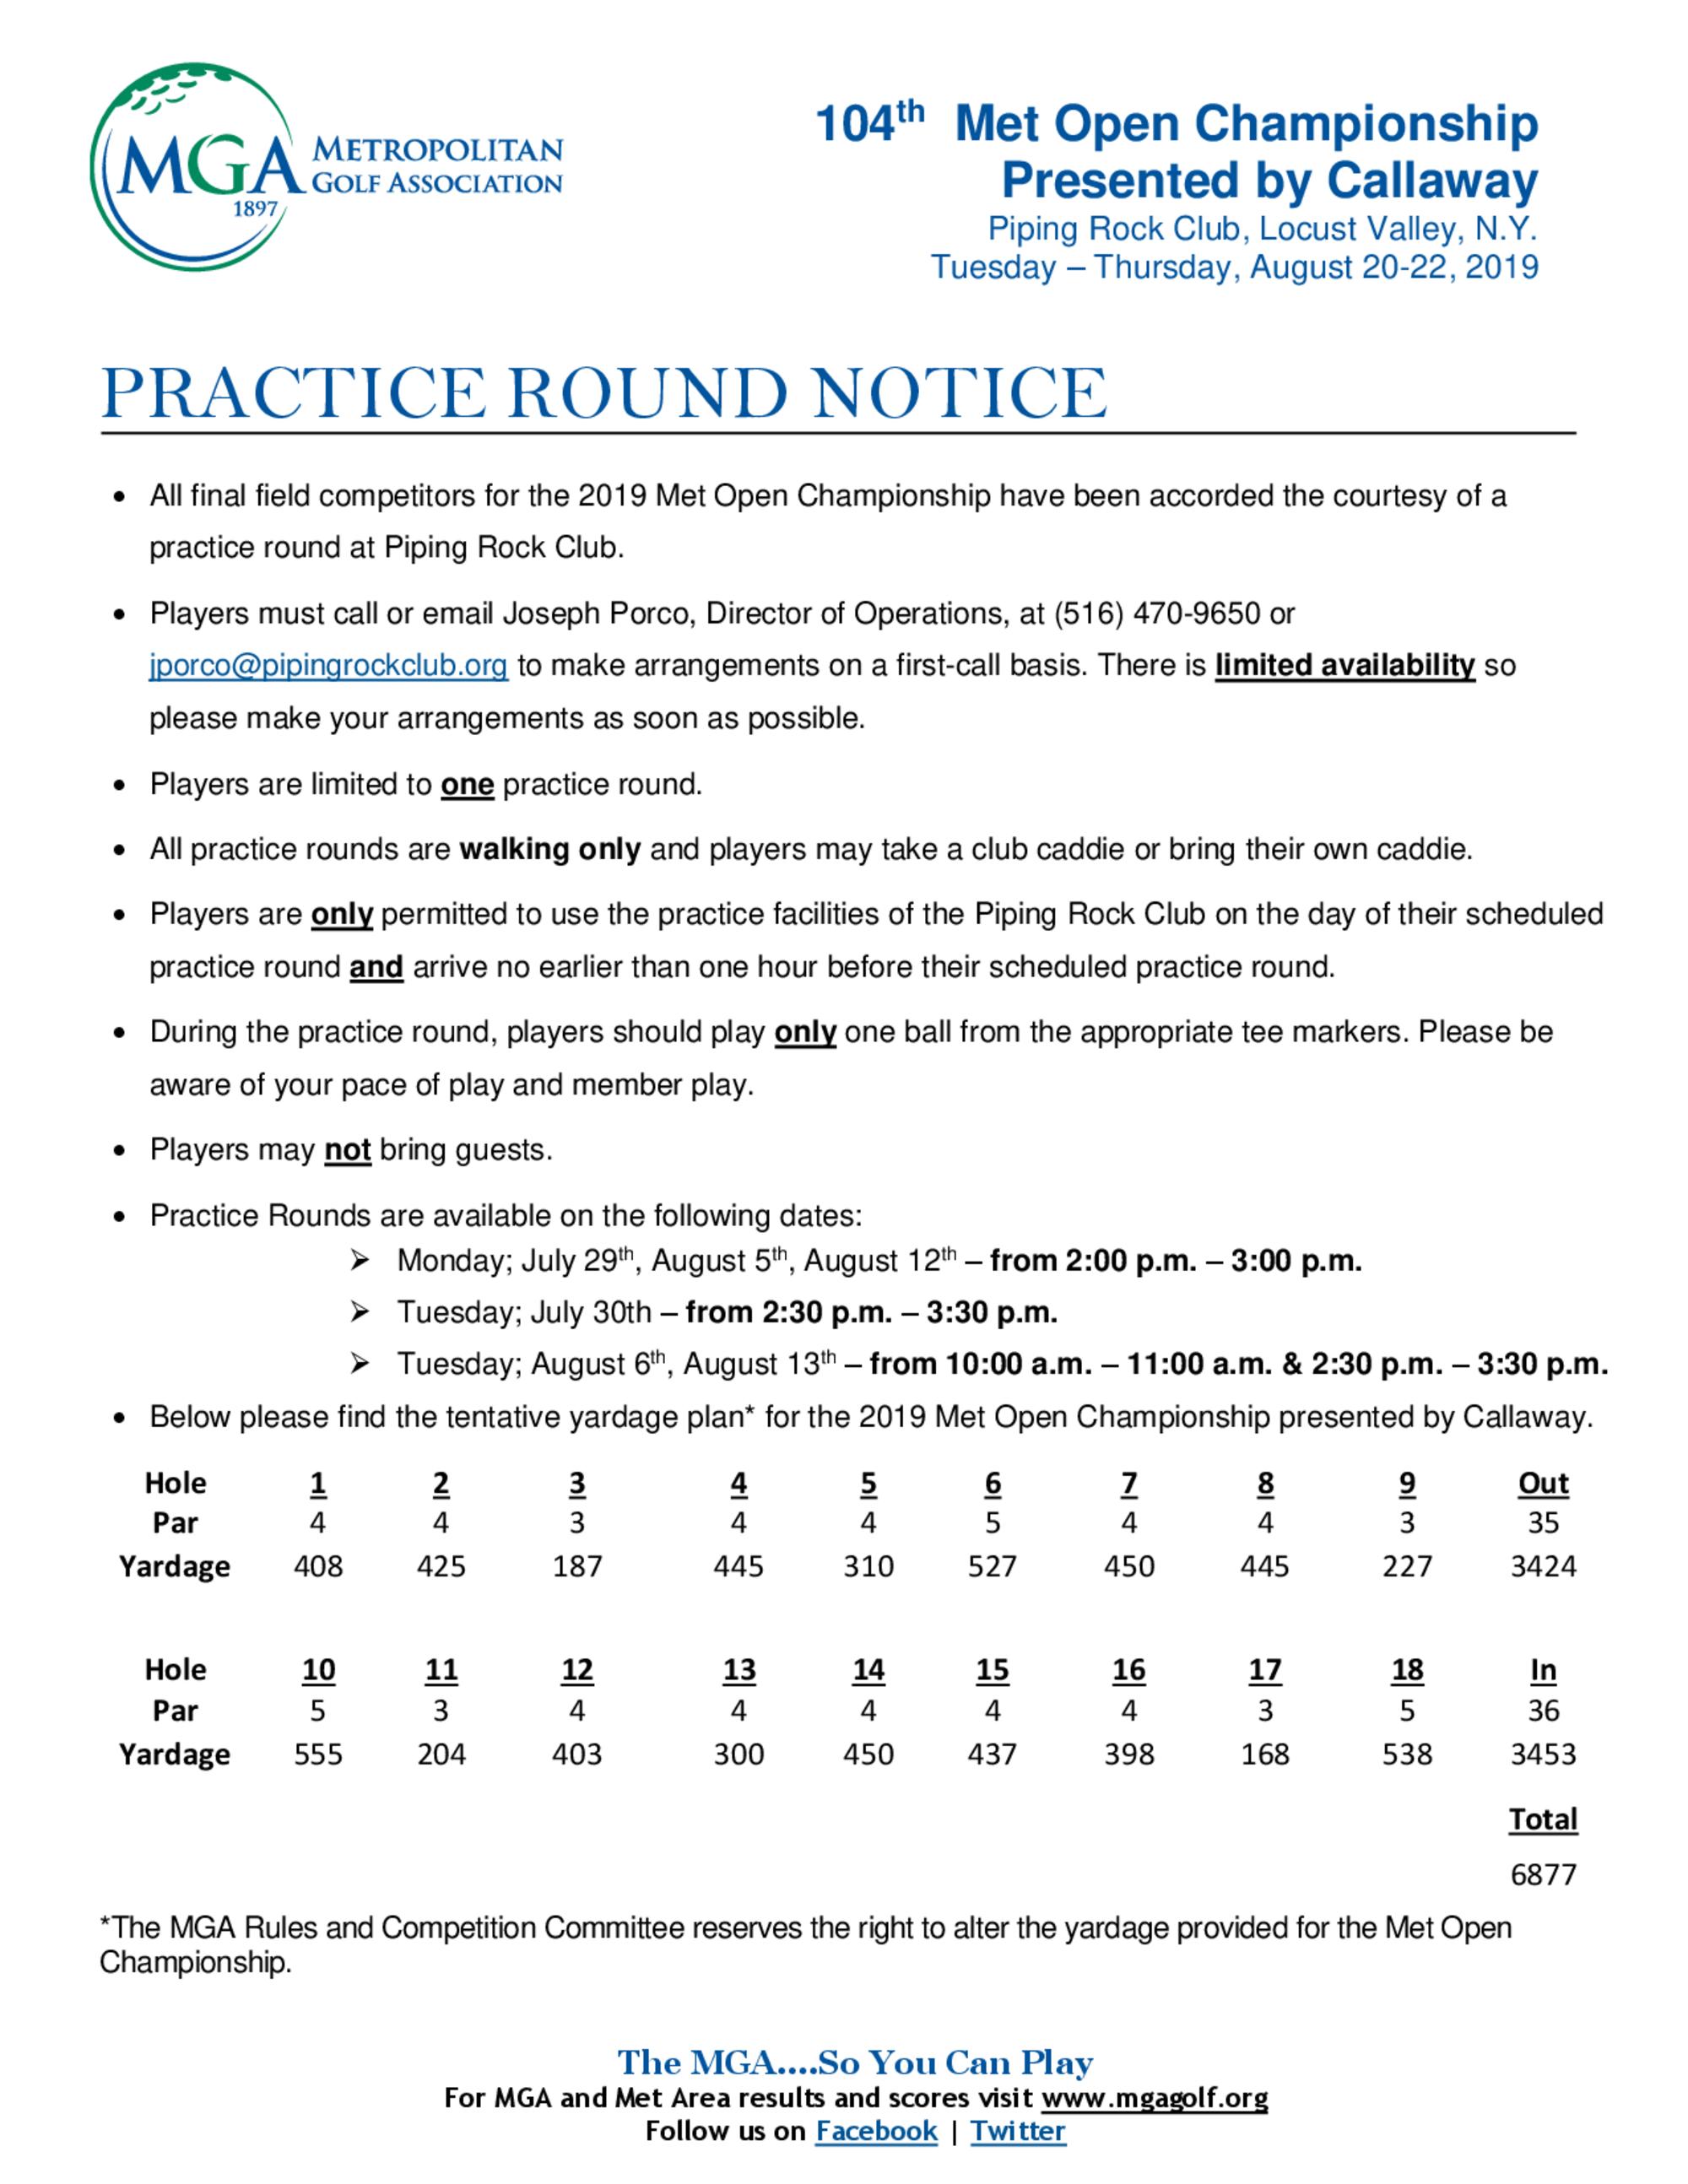 Practice round notice  prc 1